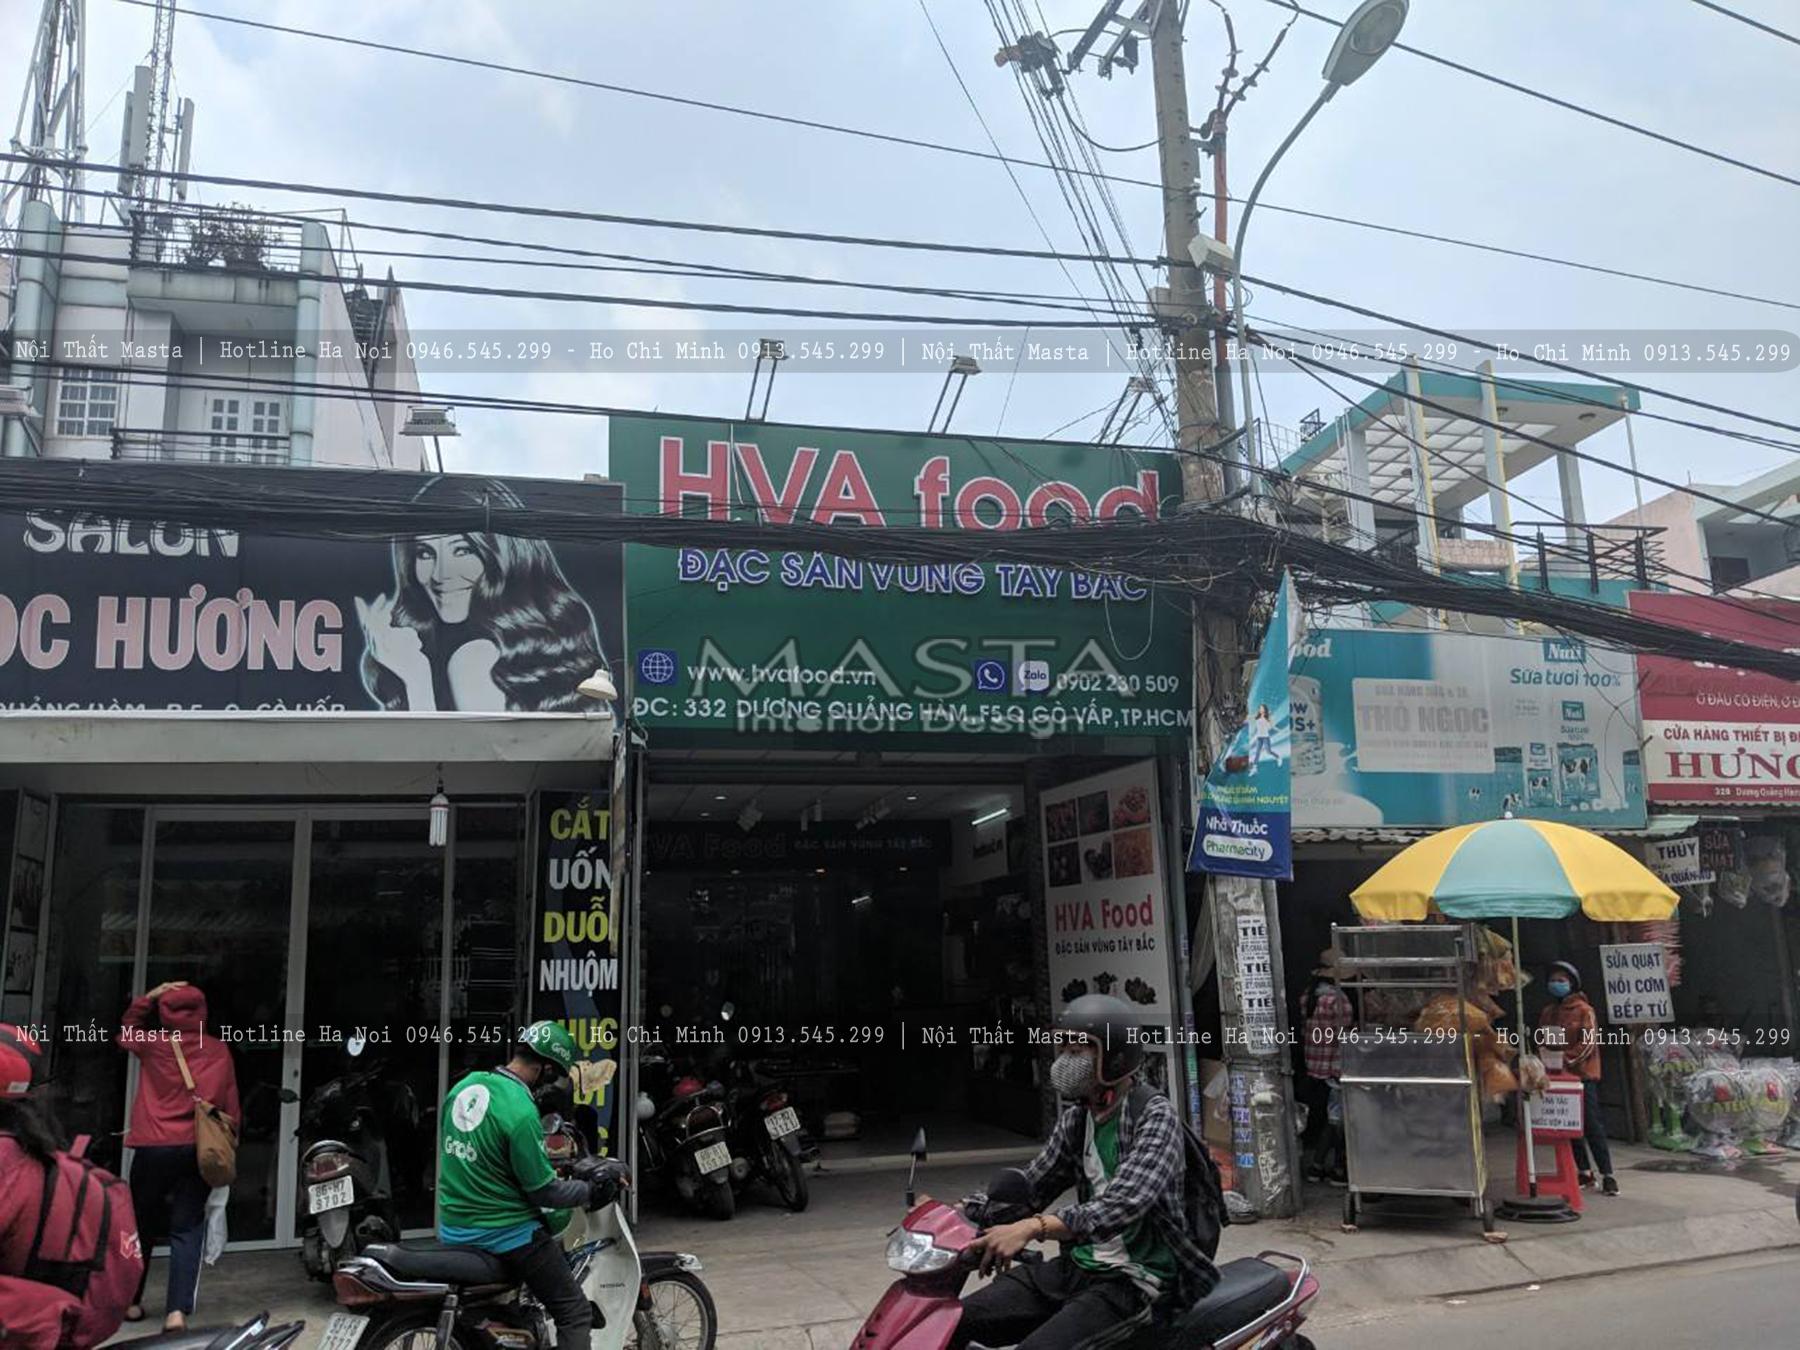 Ảnh thực tế của mặt tiền cửa hàng thực phẩm HVAfood